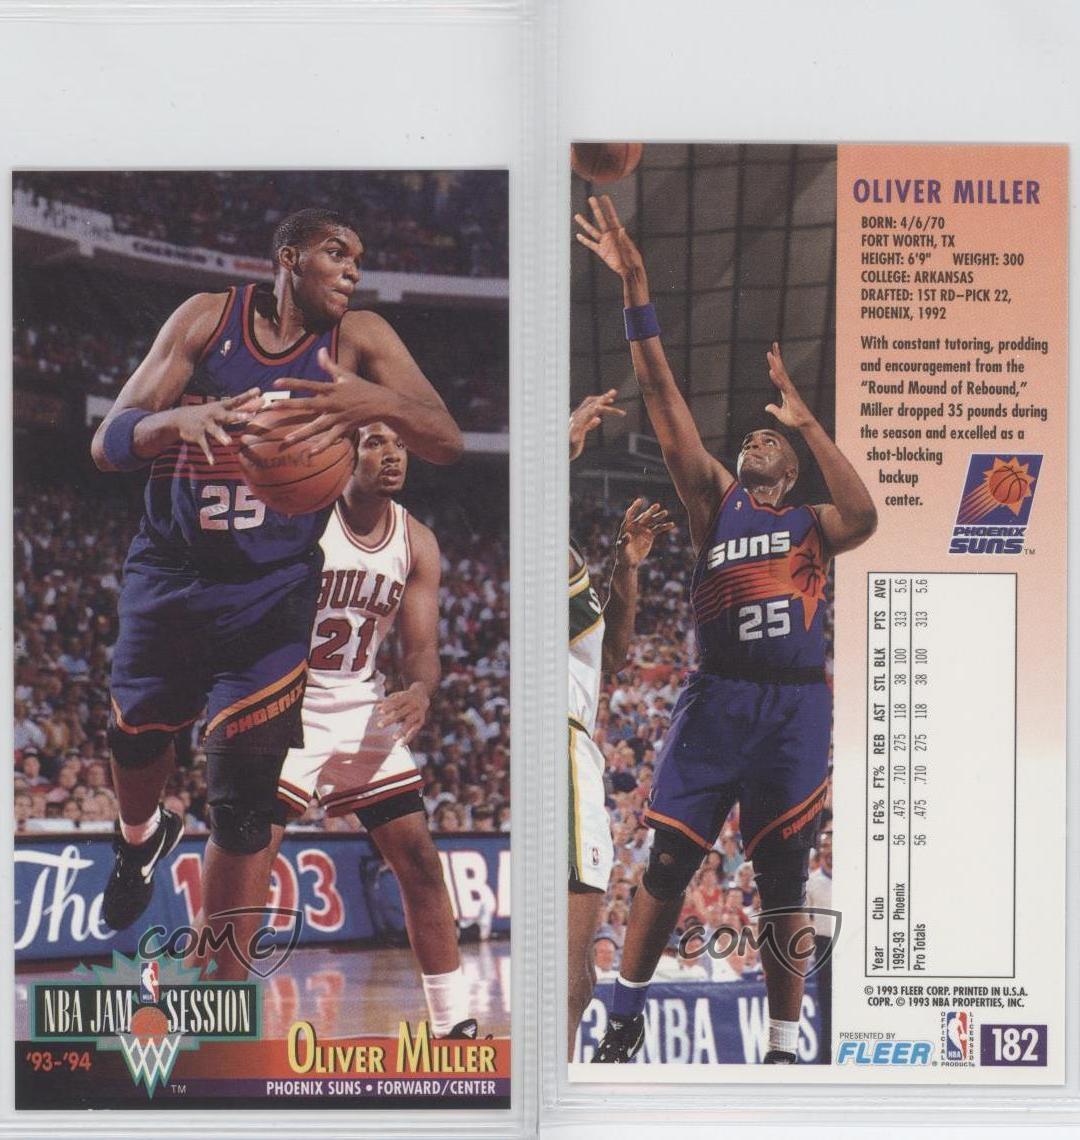 1993-94 NBA Jam Session #182 Oliver Miller Phoenix Suns